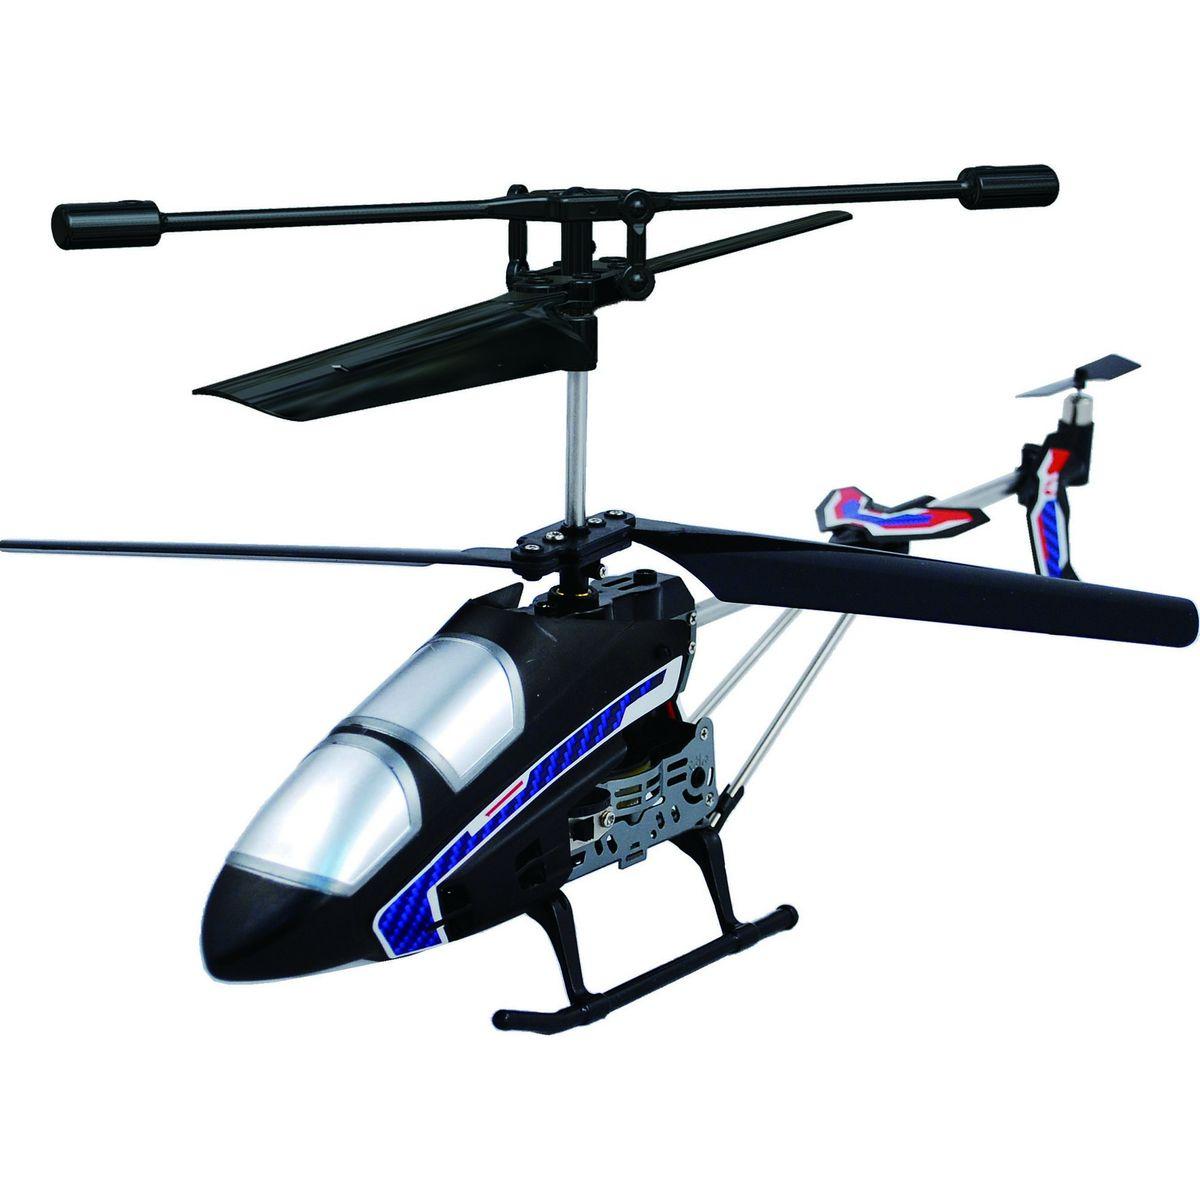 Властелин небес Вертолет на радиоуправлении Триумф цвет черныйBH 3356Вертолет на радиоуправлении Властелин небес Триумф - это очень прочная, маневренная и стабильная в полете летающая игрушка. Выполнен из прочного пластика с элементами из металла. Корпус вертолета окрашен в черный цвет, украшен красными и голубыми вставками по всей длине. Стекла кабины пилота имеют серебристую окраску. Управляя вертолетом, вы сможете направить его вперед, назад, вверх, вниз, а также повернуть его в сторону. Дальность управления - до 50 метров. Полностью заряженный вертолет работает 6-8 минут. Время зарядки аккумулятора составляет 60-100 минут. Вертолет работает от встроенного литиевого аккумулятора, заряжается при помощи сетевого адаптера (входит в комплект). Для работы пульта управления необходима 1 батарейка Крона(в комплект не входят).